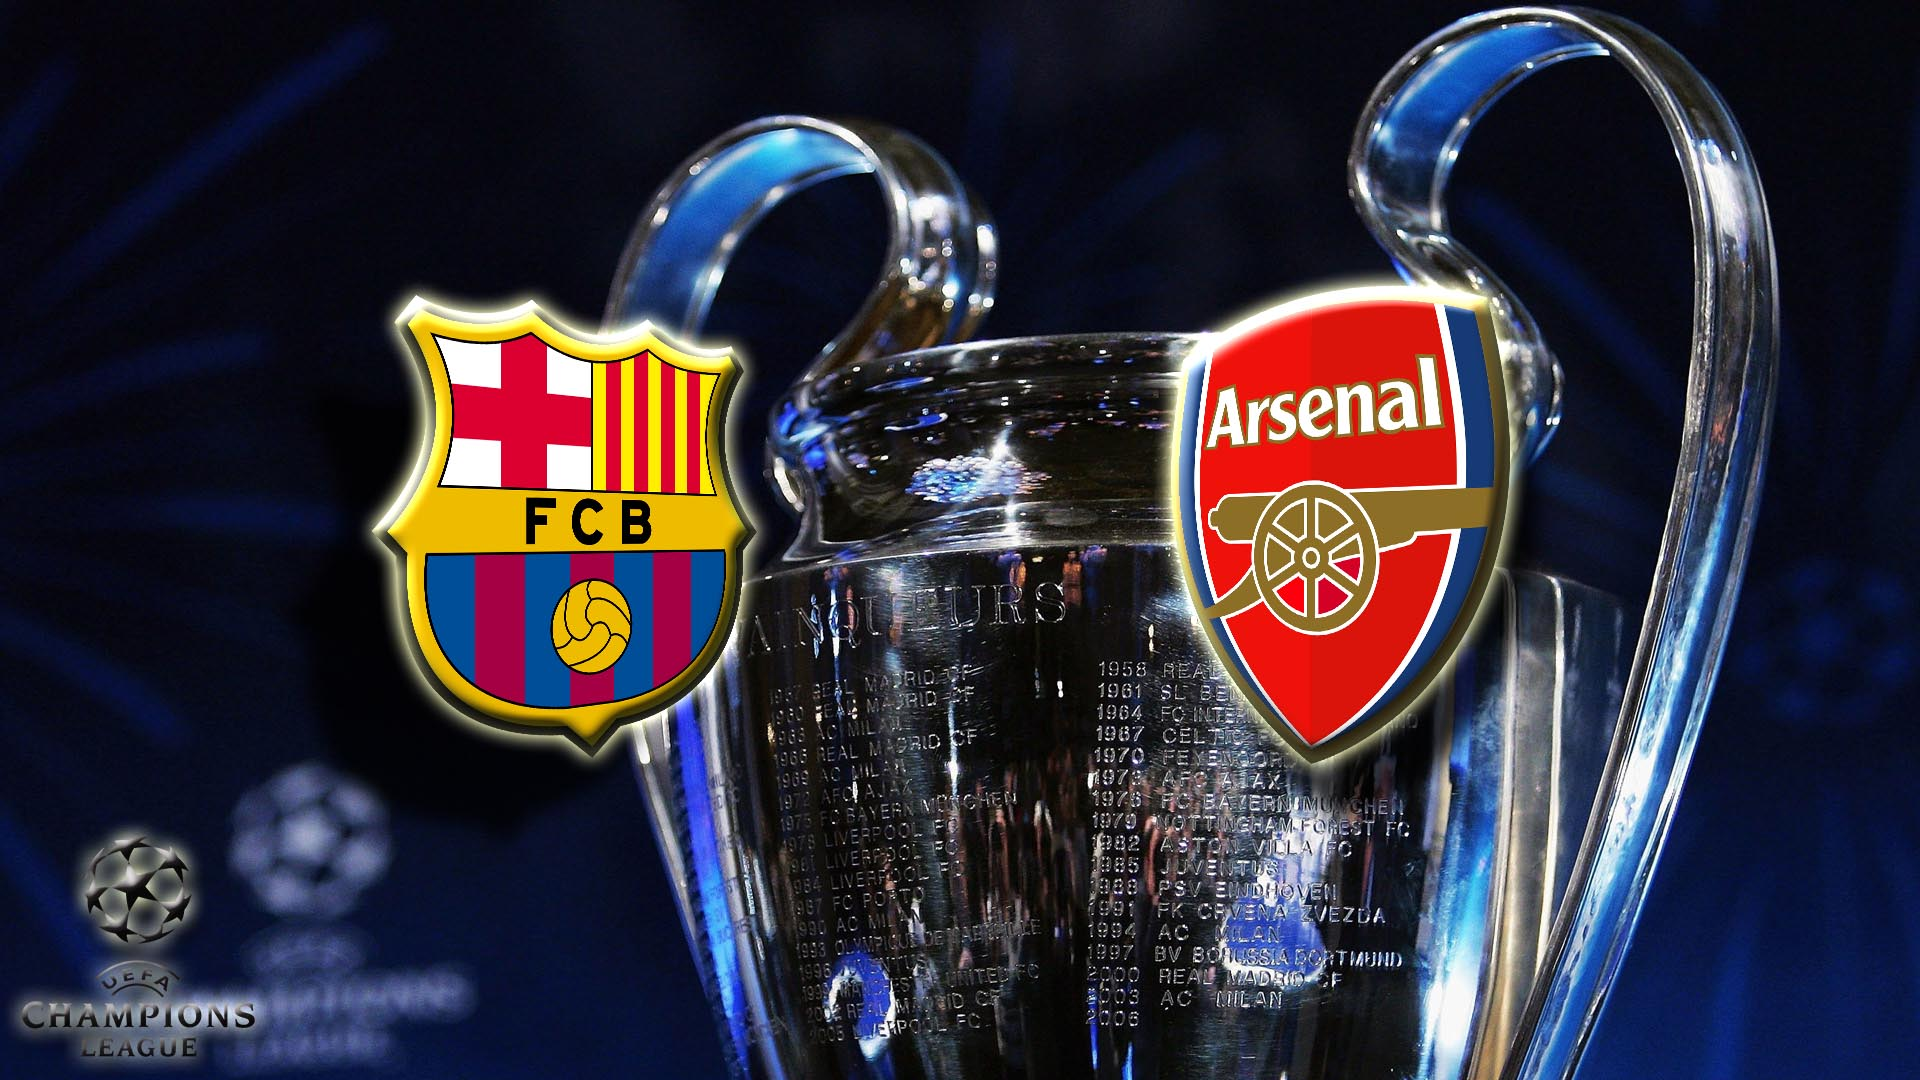 Прогноз на матч Барселона - Арcенал Лондон 16 марта 2016